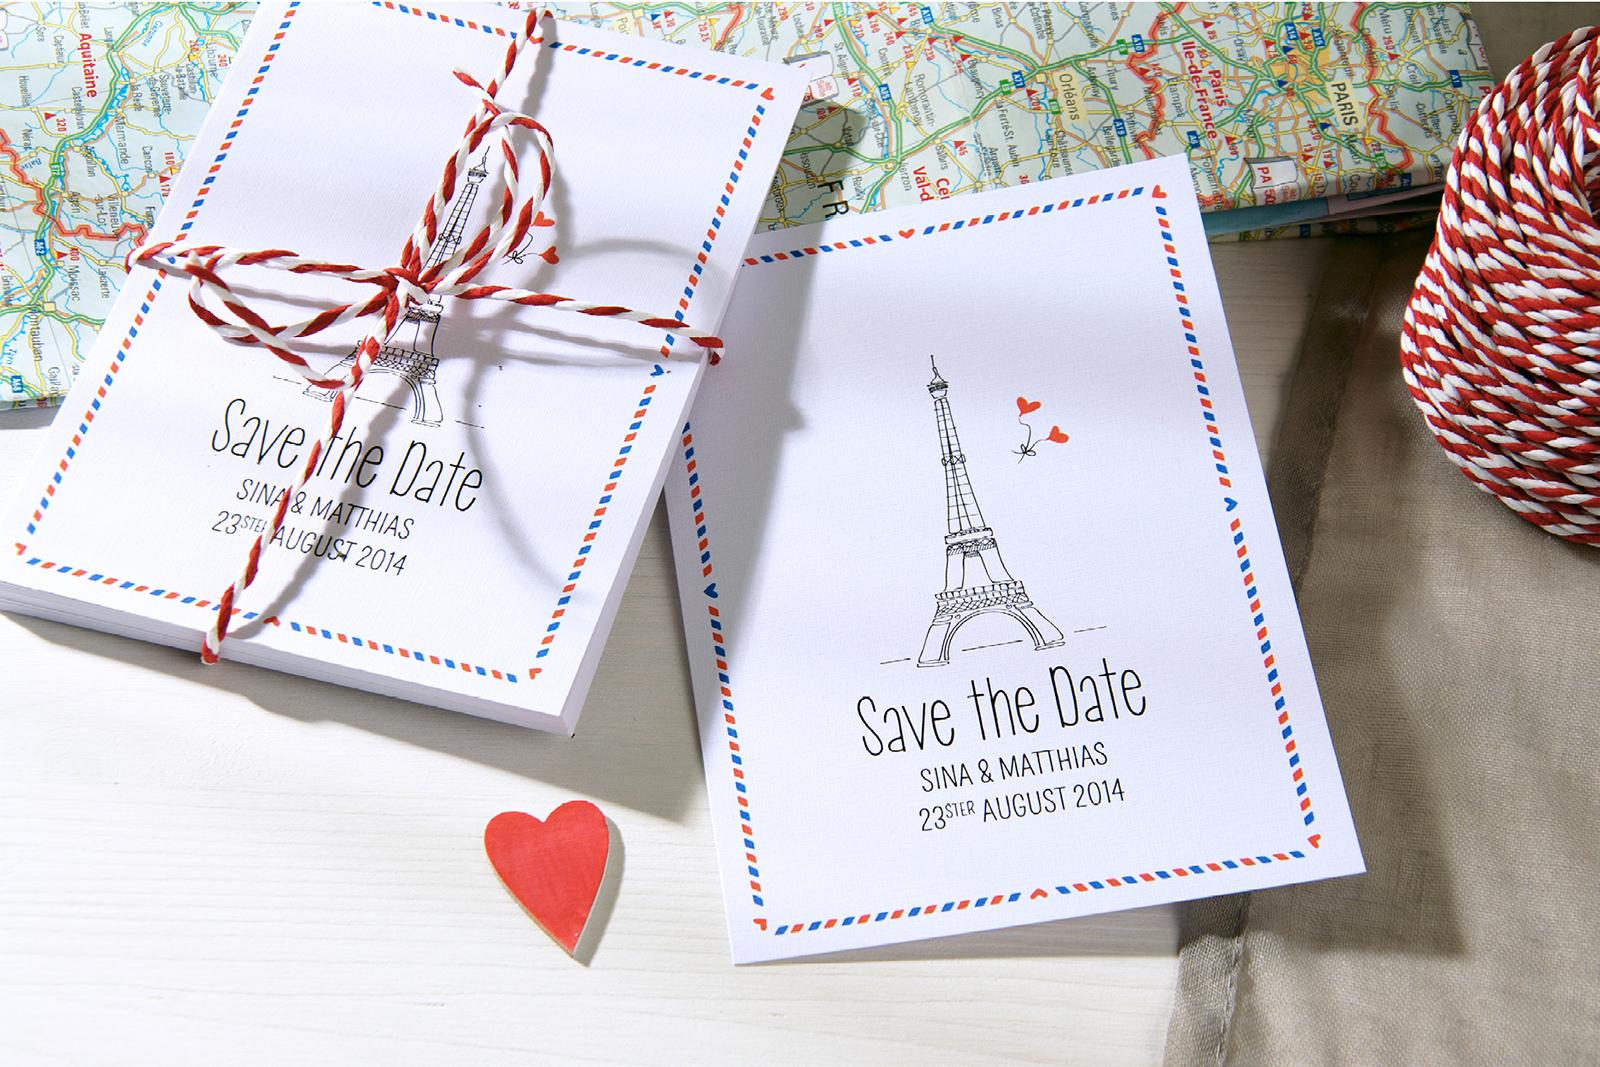 3-Hochzeitskarte-Einladung-Hochzeitseinladung-Hochzeitskartendesign-Luftpost-Airmail-Eiffelturm-4